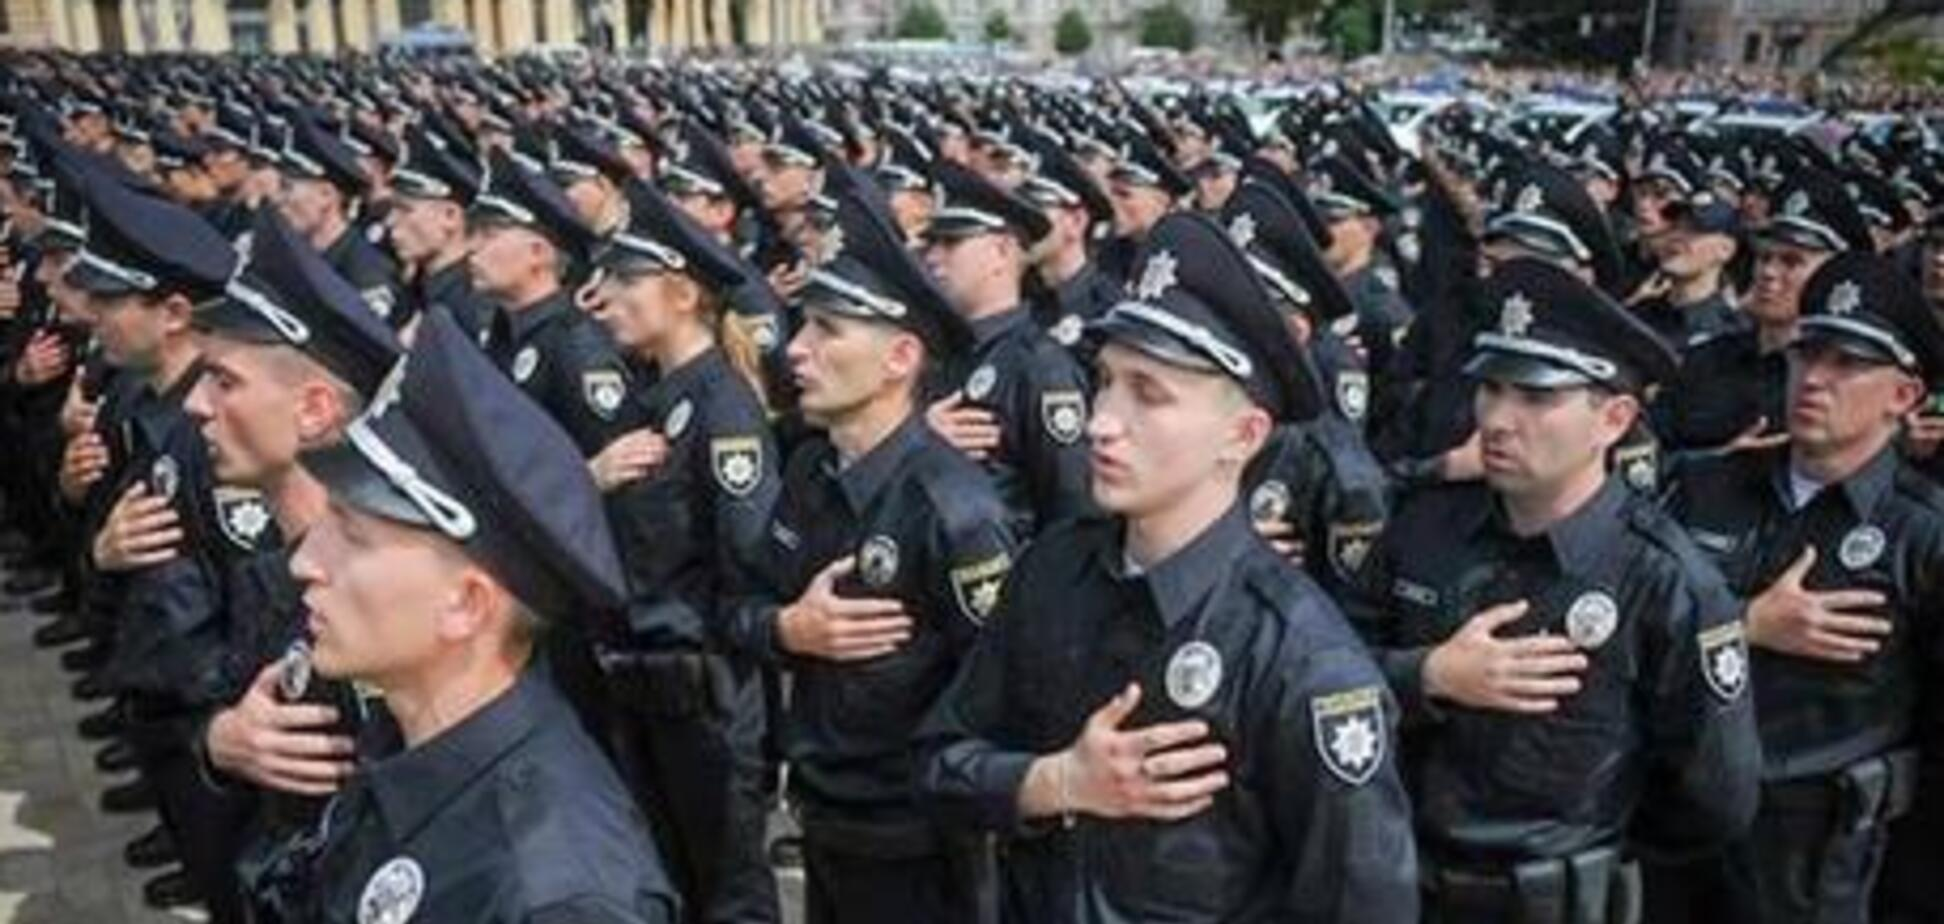 Кличко поблагодарил полицию за нелегкую работу и поздравил с праздником